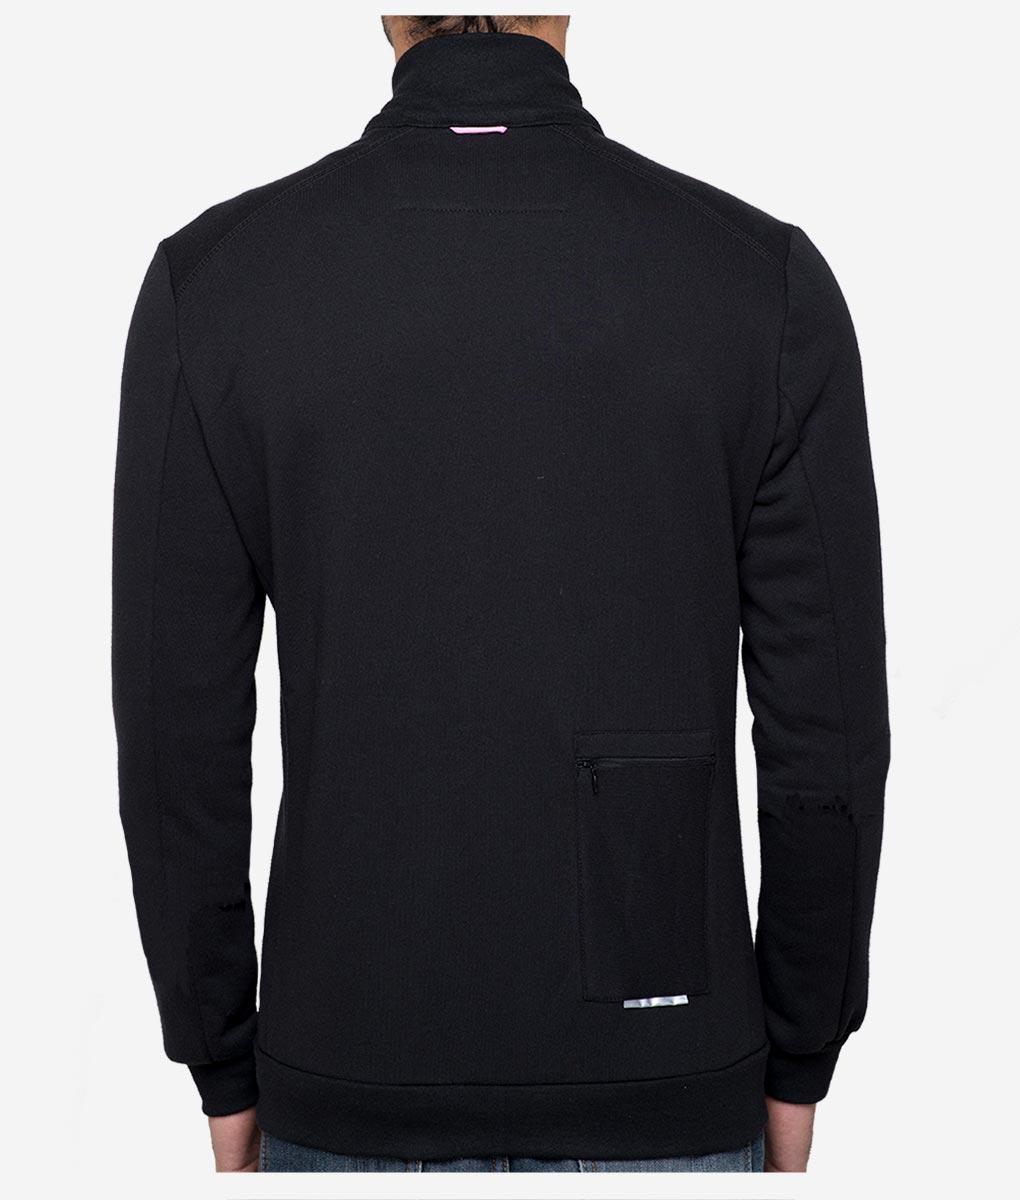 casual-cycling-black-rib-collar-jacket-back